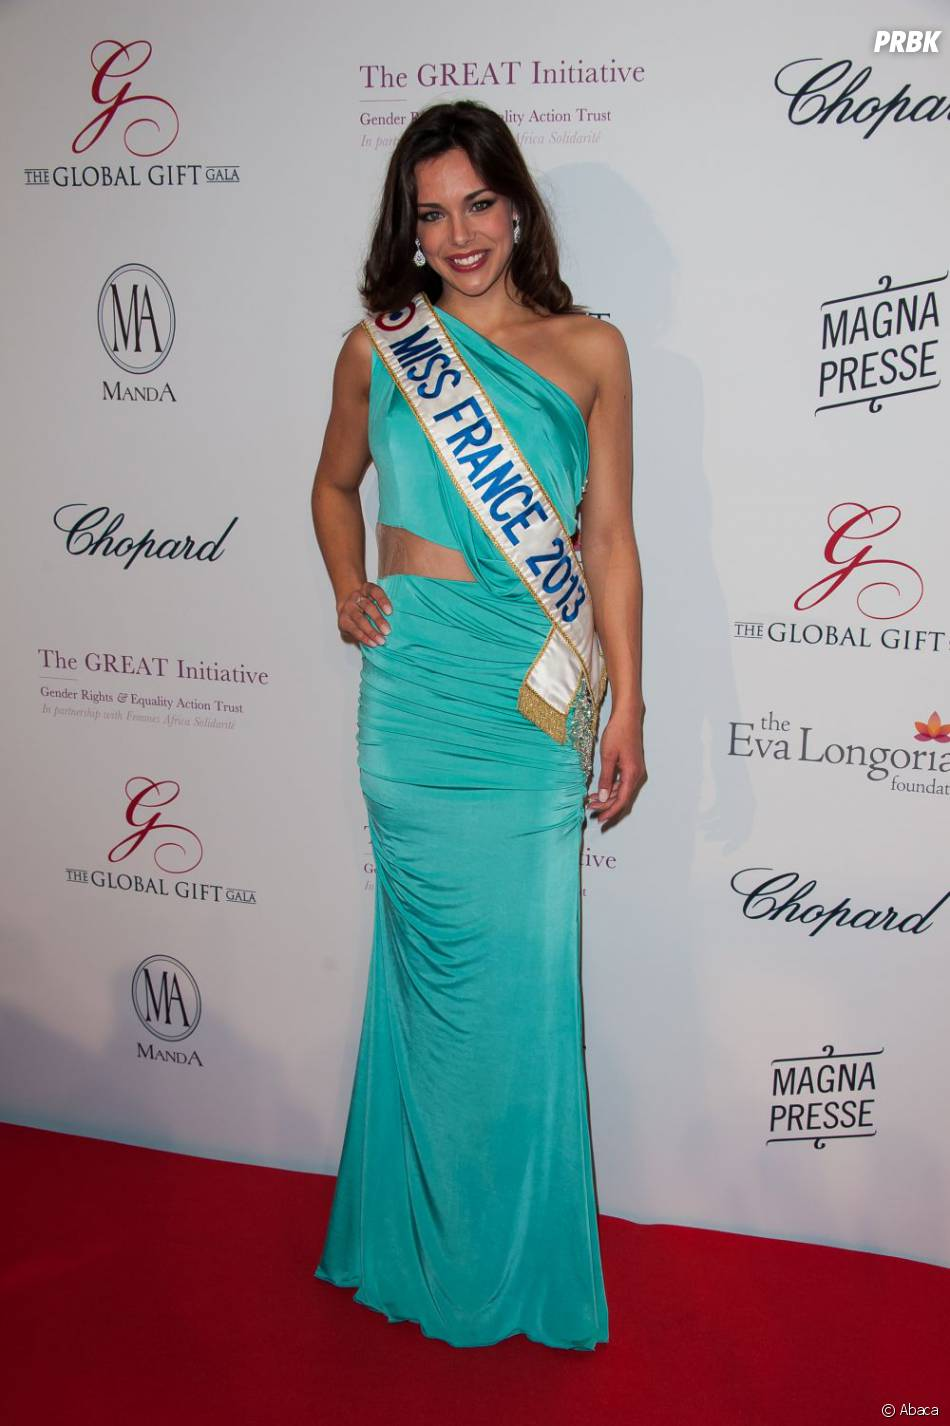 Marine Lorphelin (Miss France 2013)au Global Gift Gala 2013